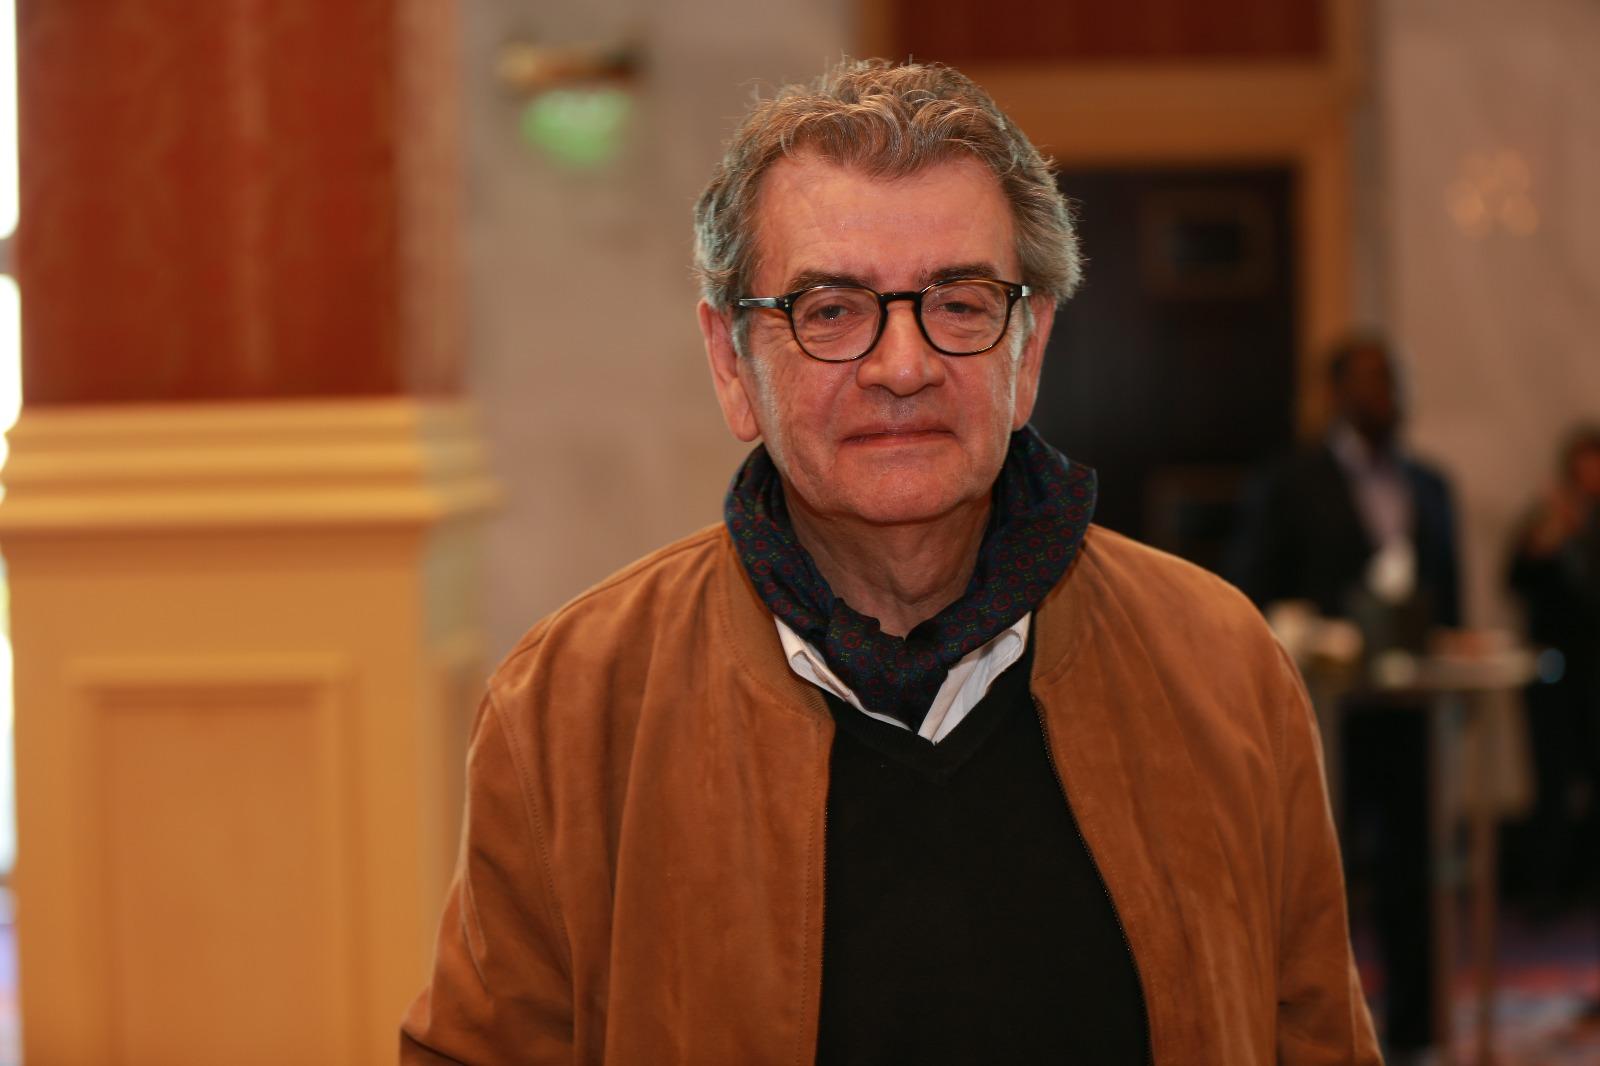 لقاء مع المترجم الفرنسي فيليب فيغرو